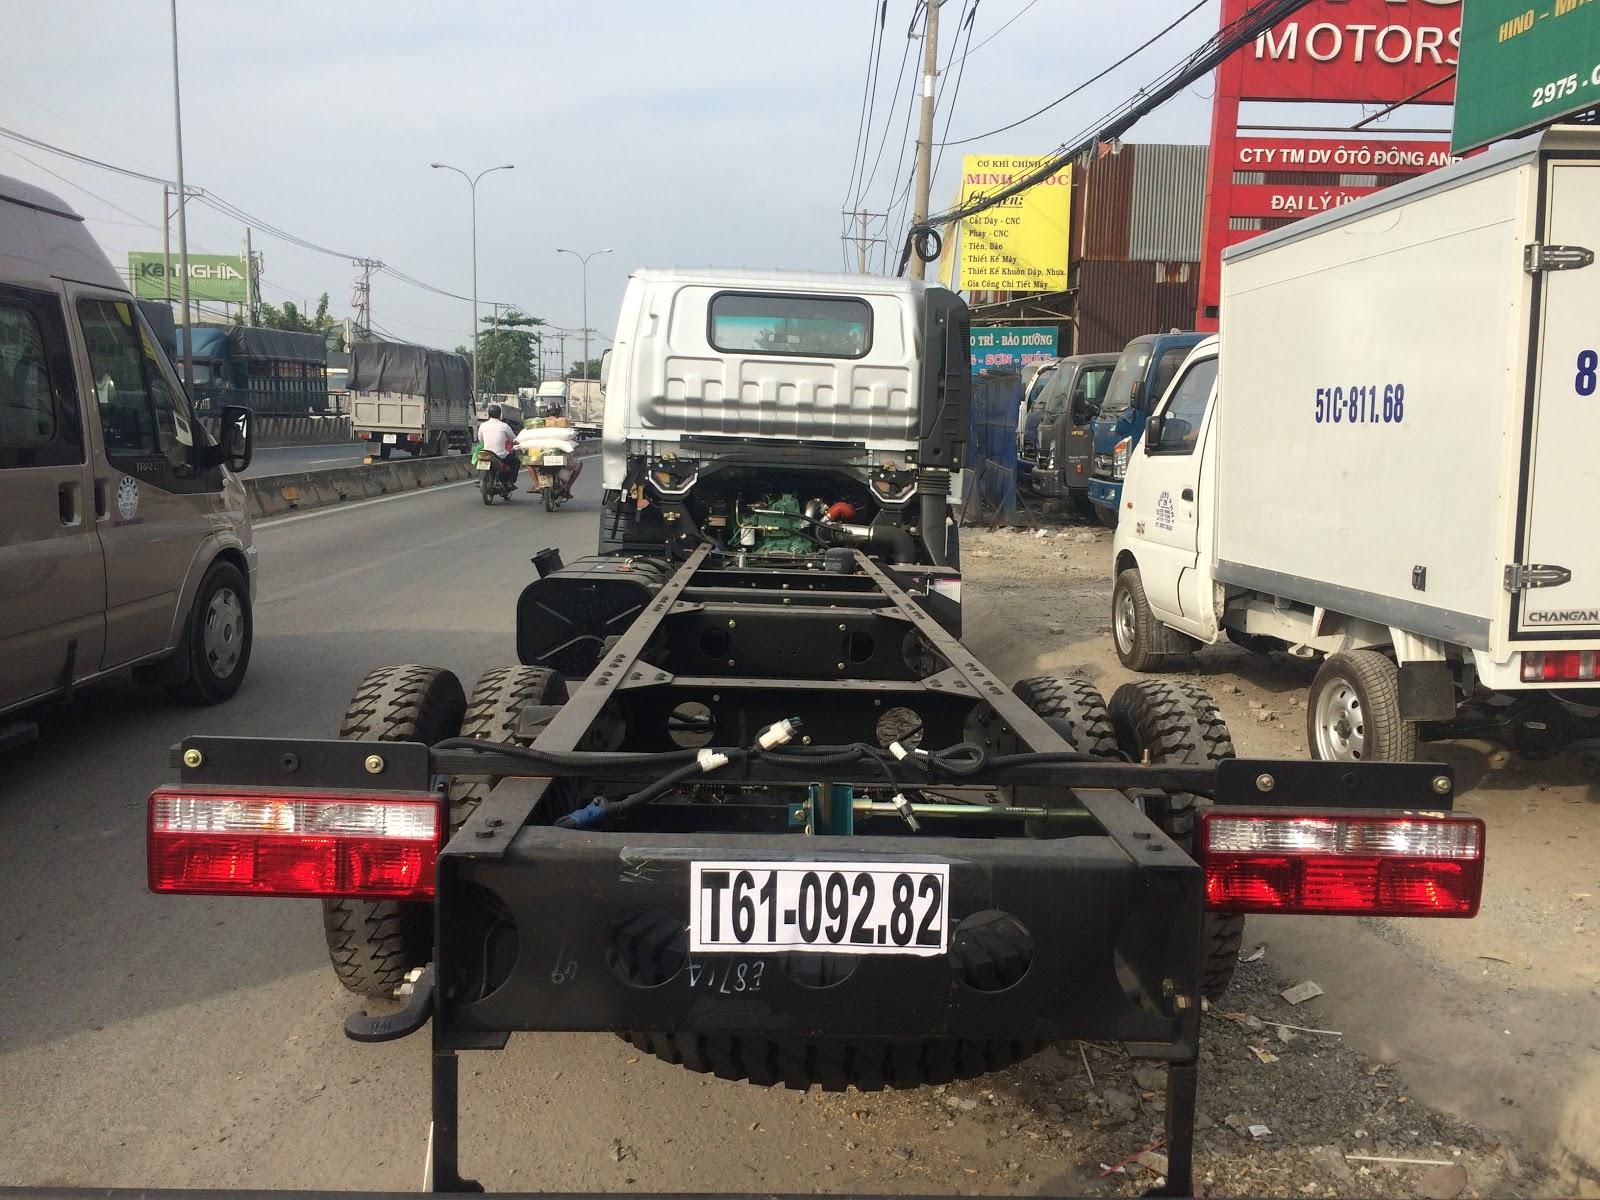 xe tai jac 64 tan thung dai 6m2